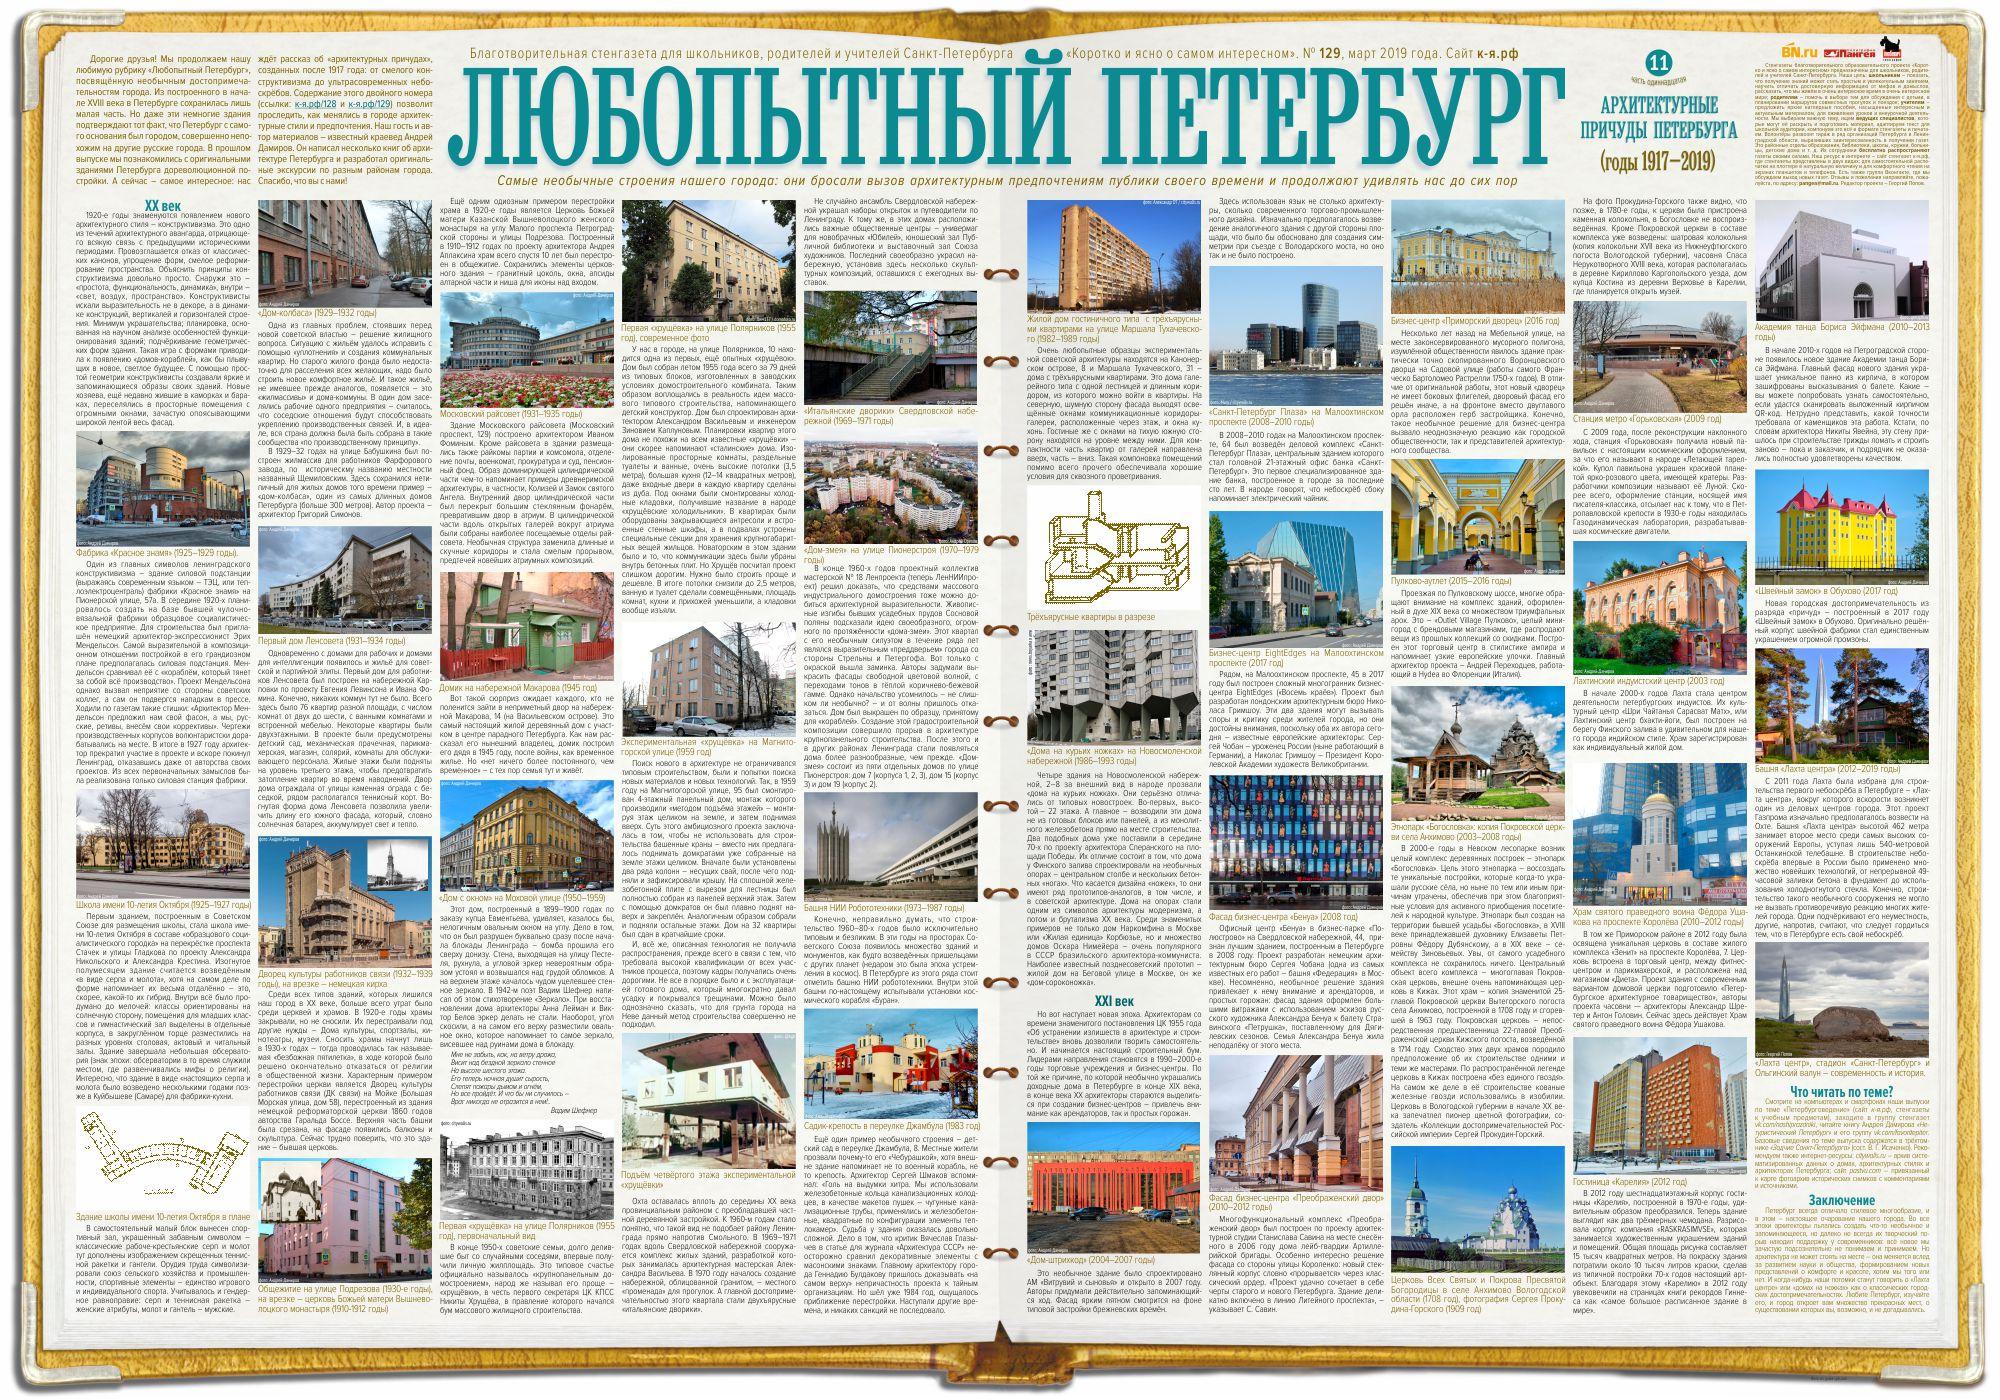 Архитектурные причуды Петербурга, 1917–2019 годы